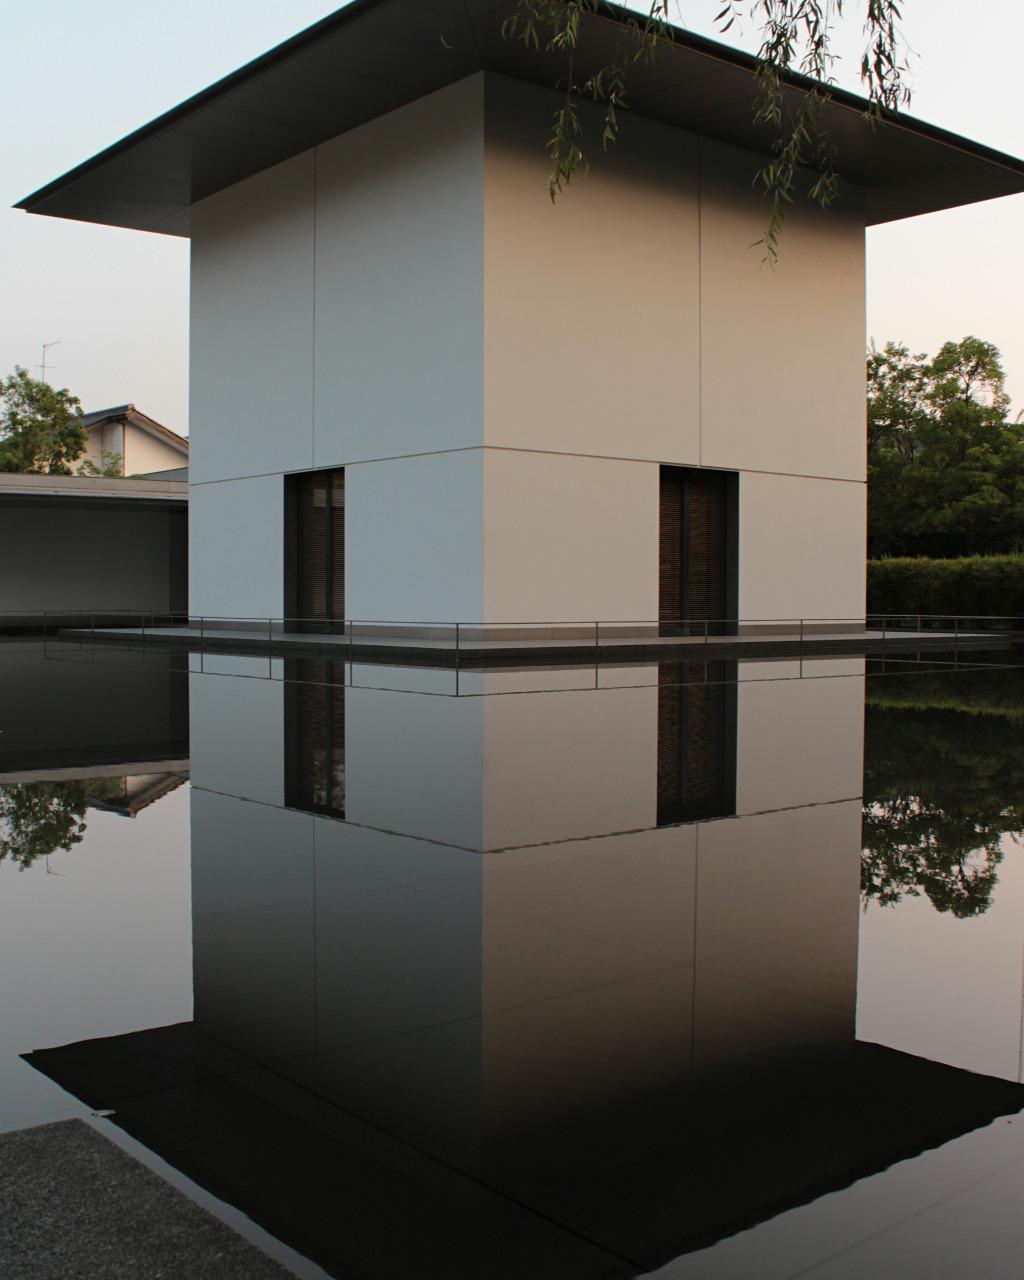 Contemplative Space exterior at the D.T. Suzuki Museum in Kanazawa, Japan